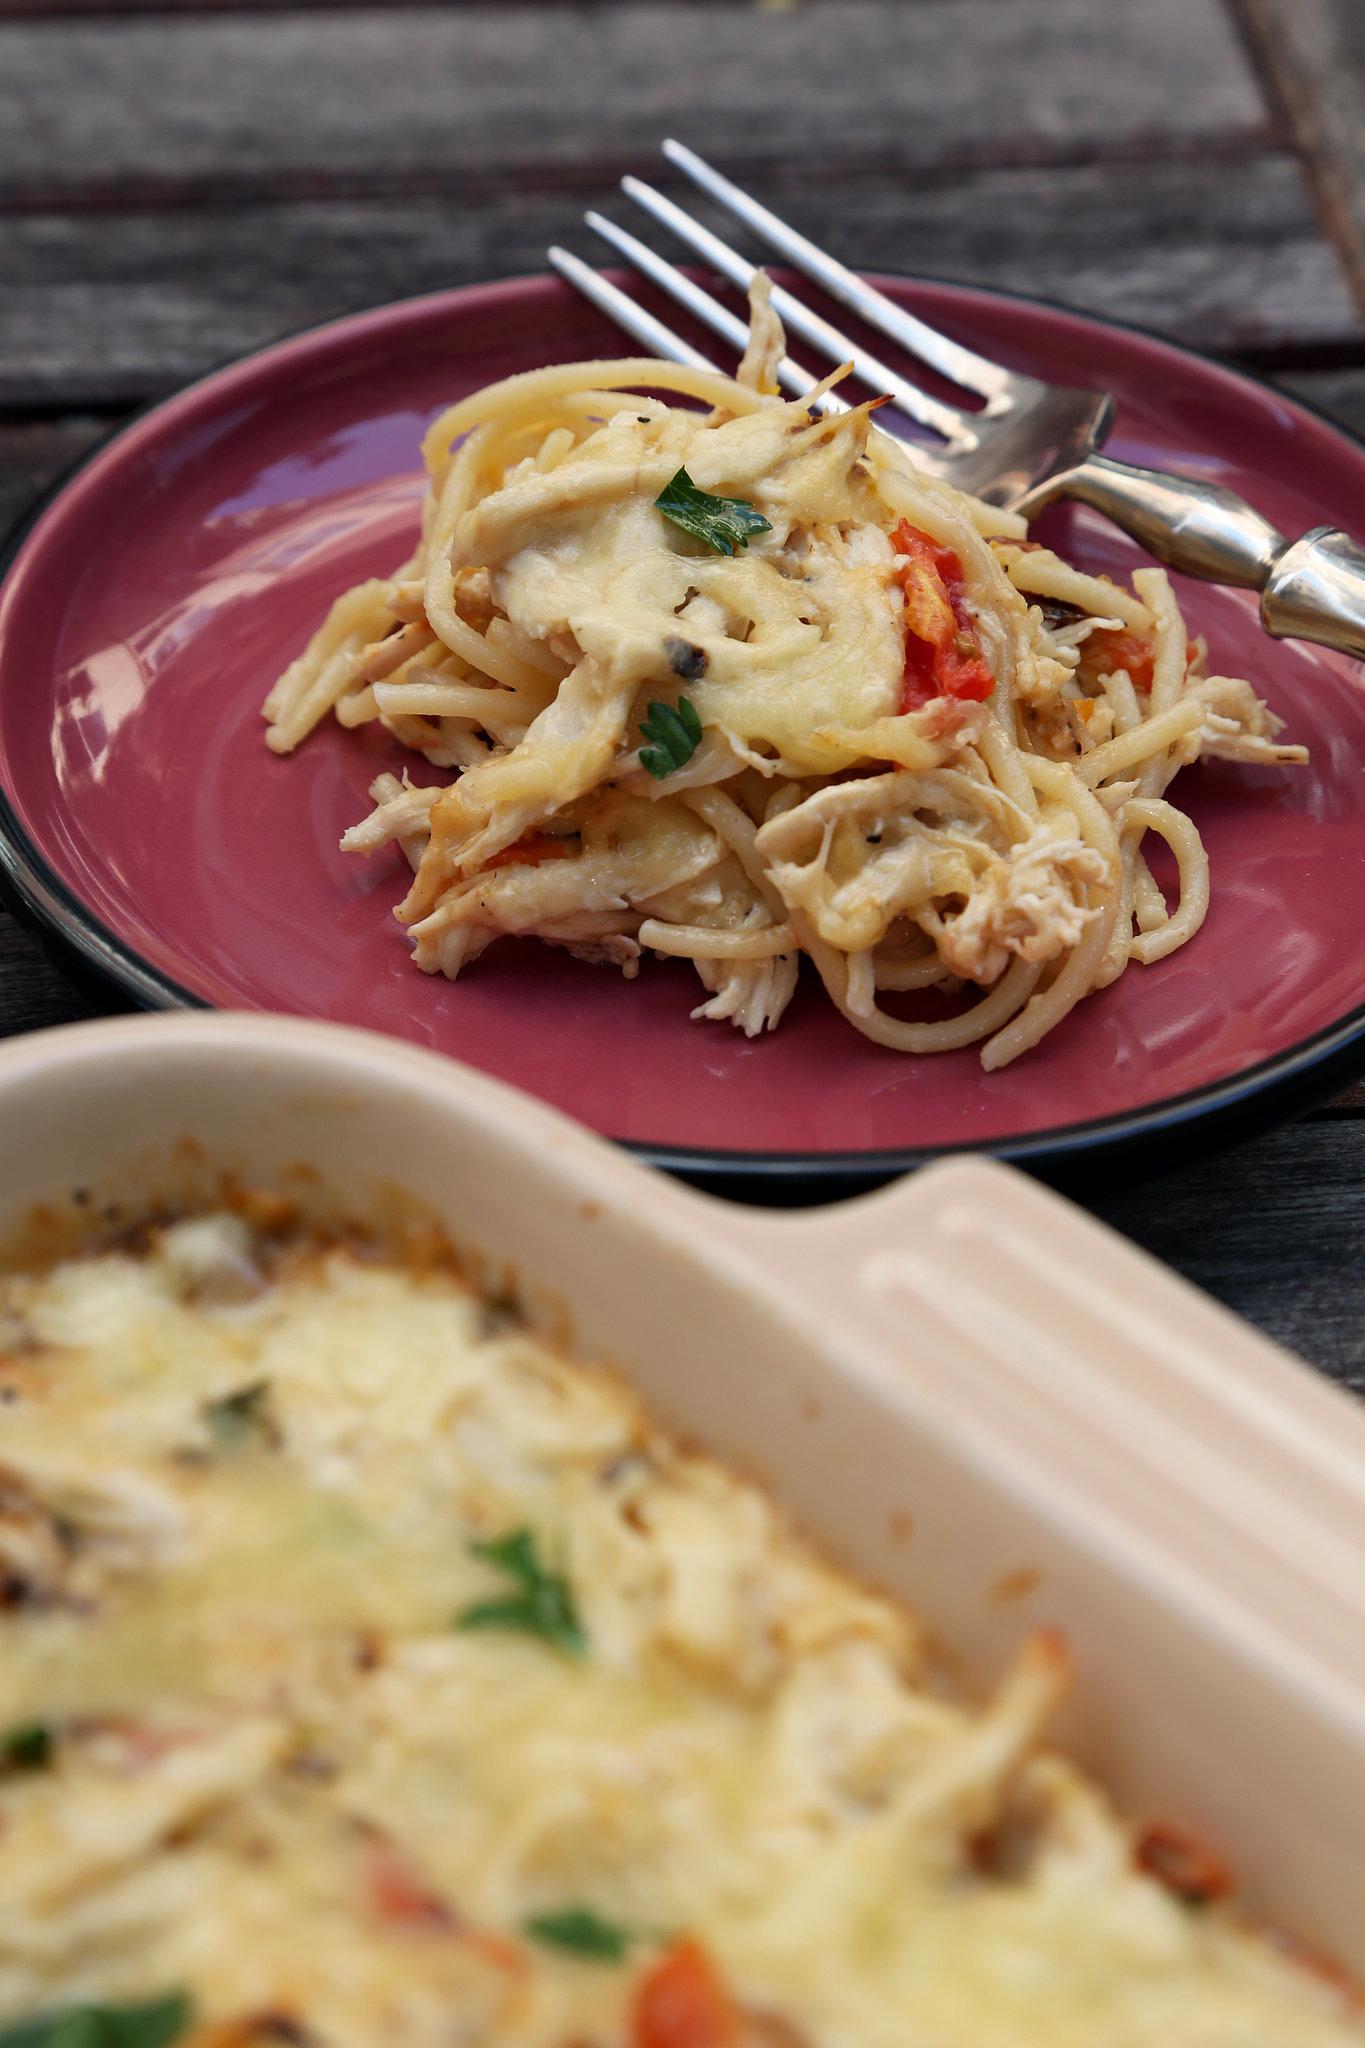 Chicken Spaghetti Casserole Recipe | POPSUGAR Food